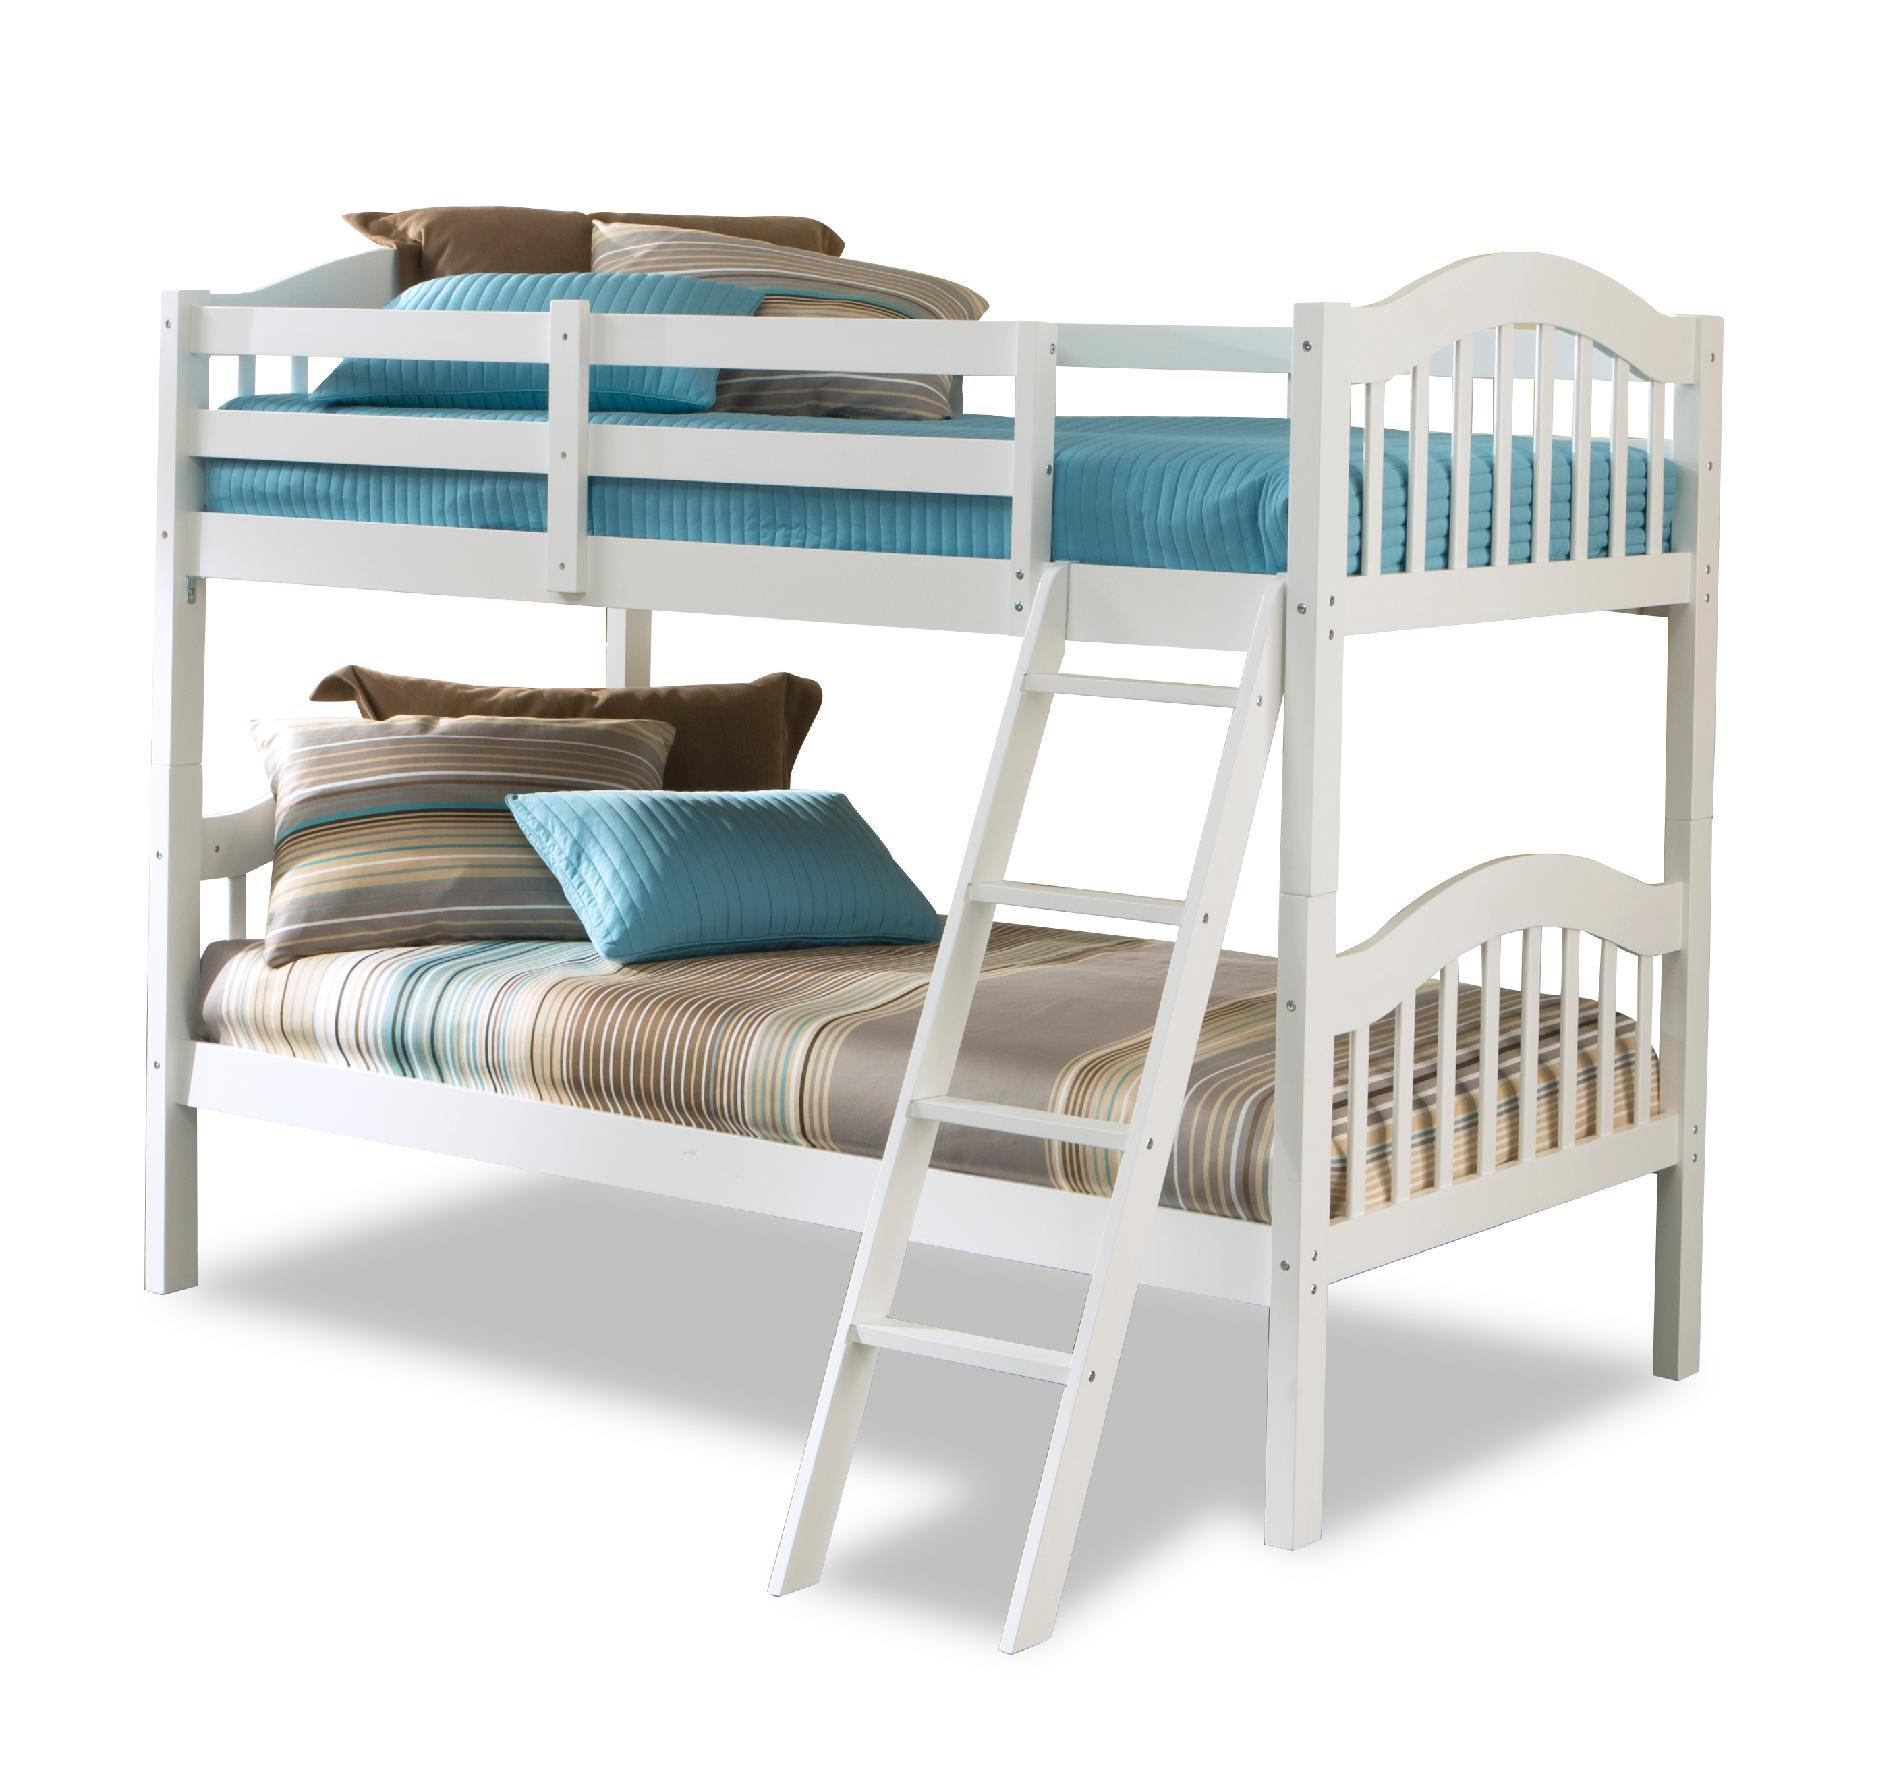 Stork Craft Long Horn Bunk Bed  White  Home  Furniture  Bedroom Furniture  Beds